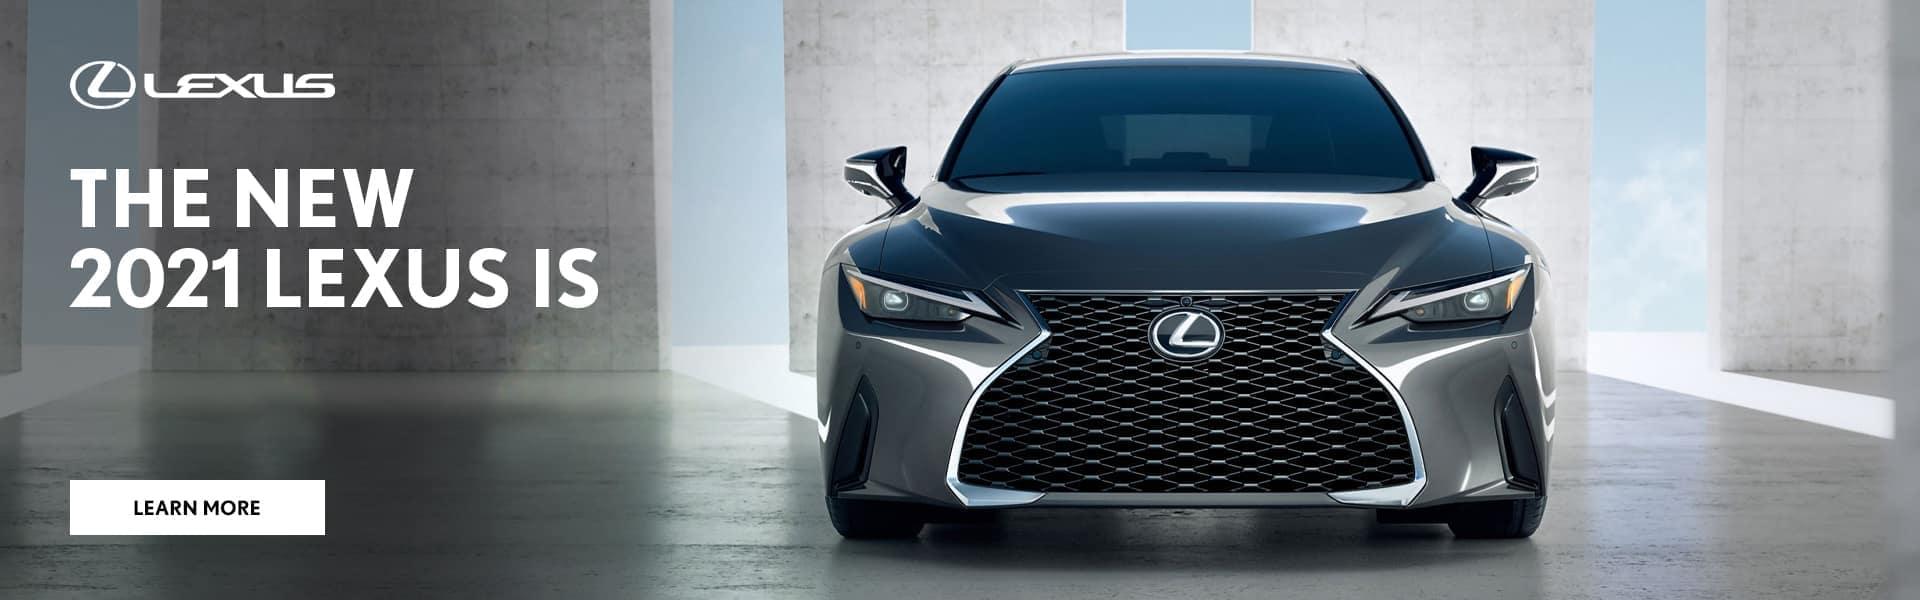 2021-Lexus-IS-Desktop